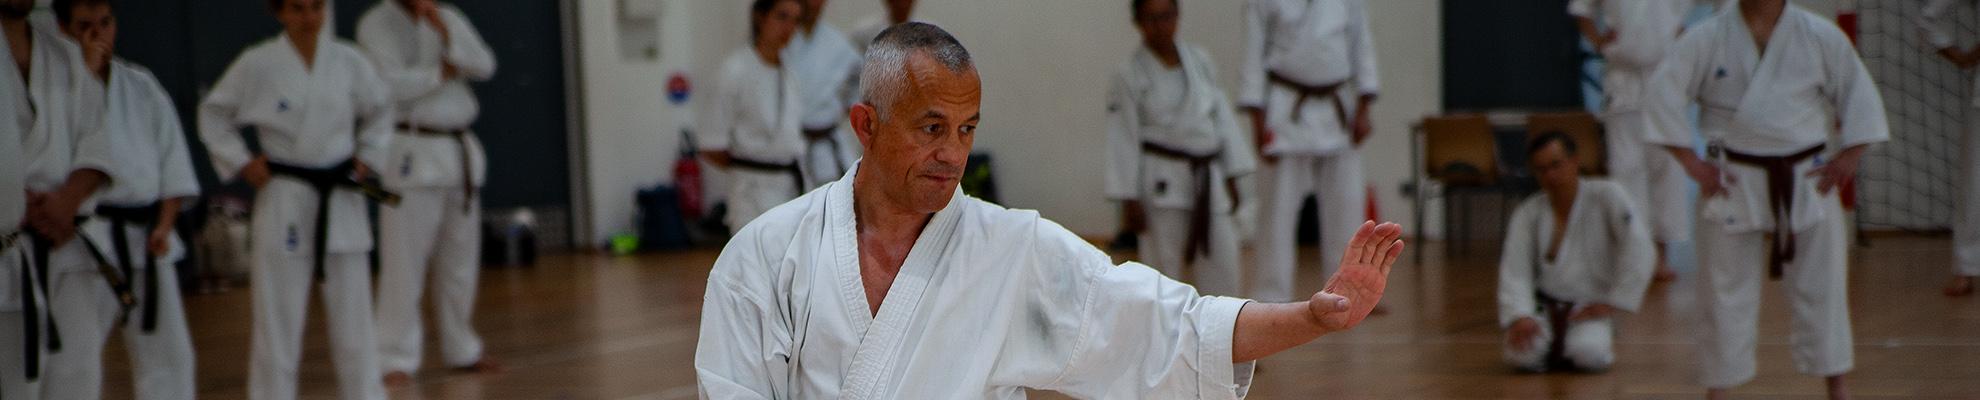 dokan karate nieuws pascal lecourt wijnegen belgie